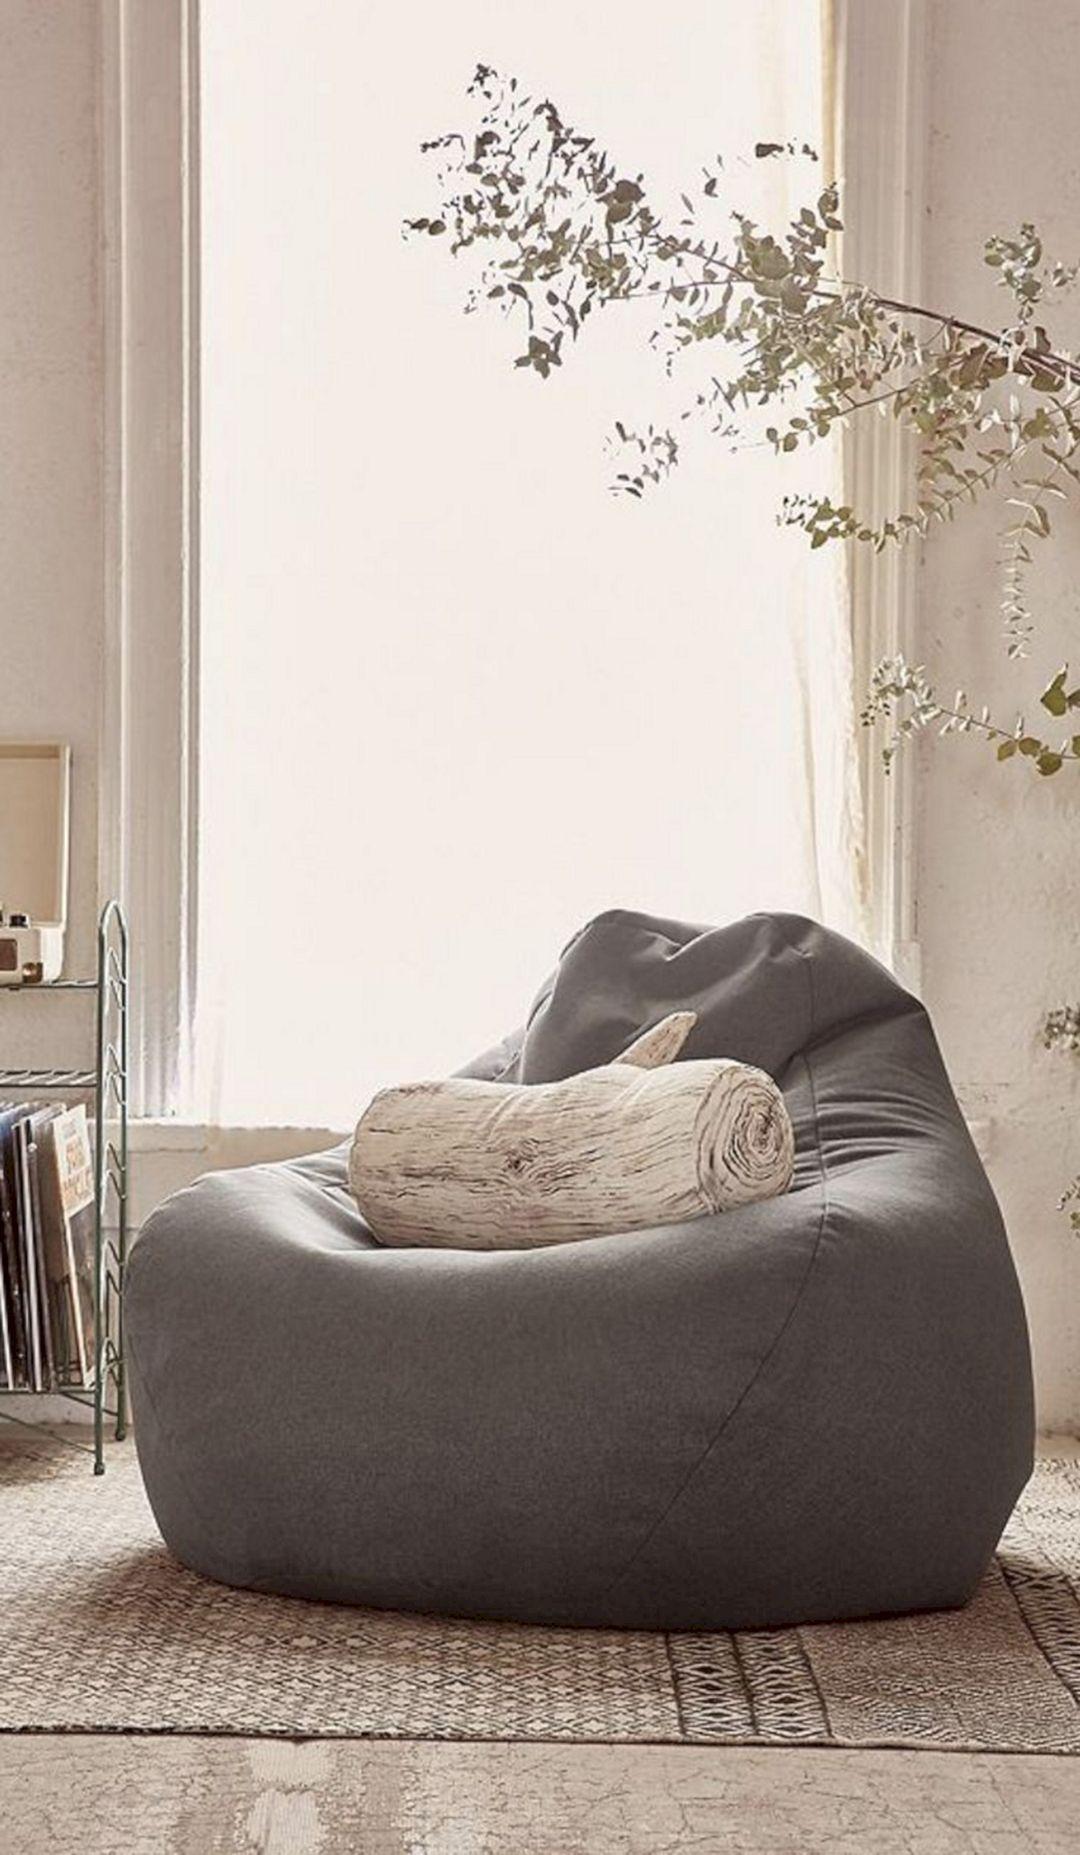 14 Extraordinary Living Room Bean Bag Ideas For More